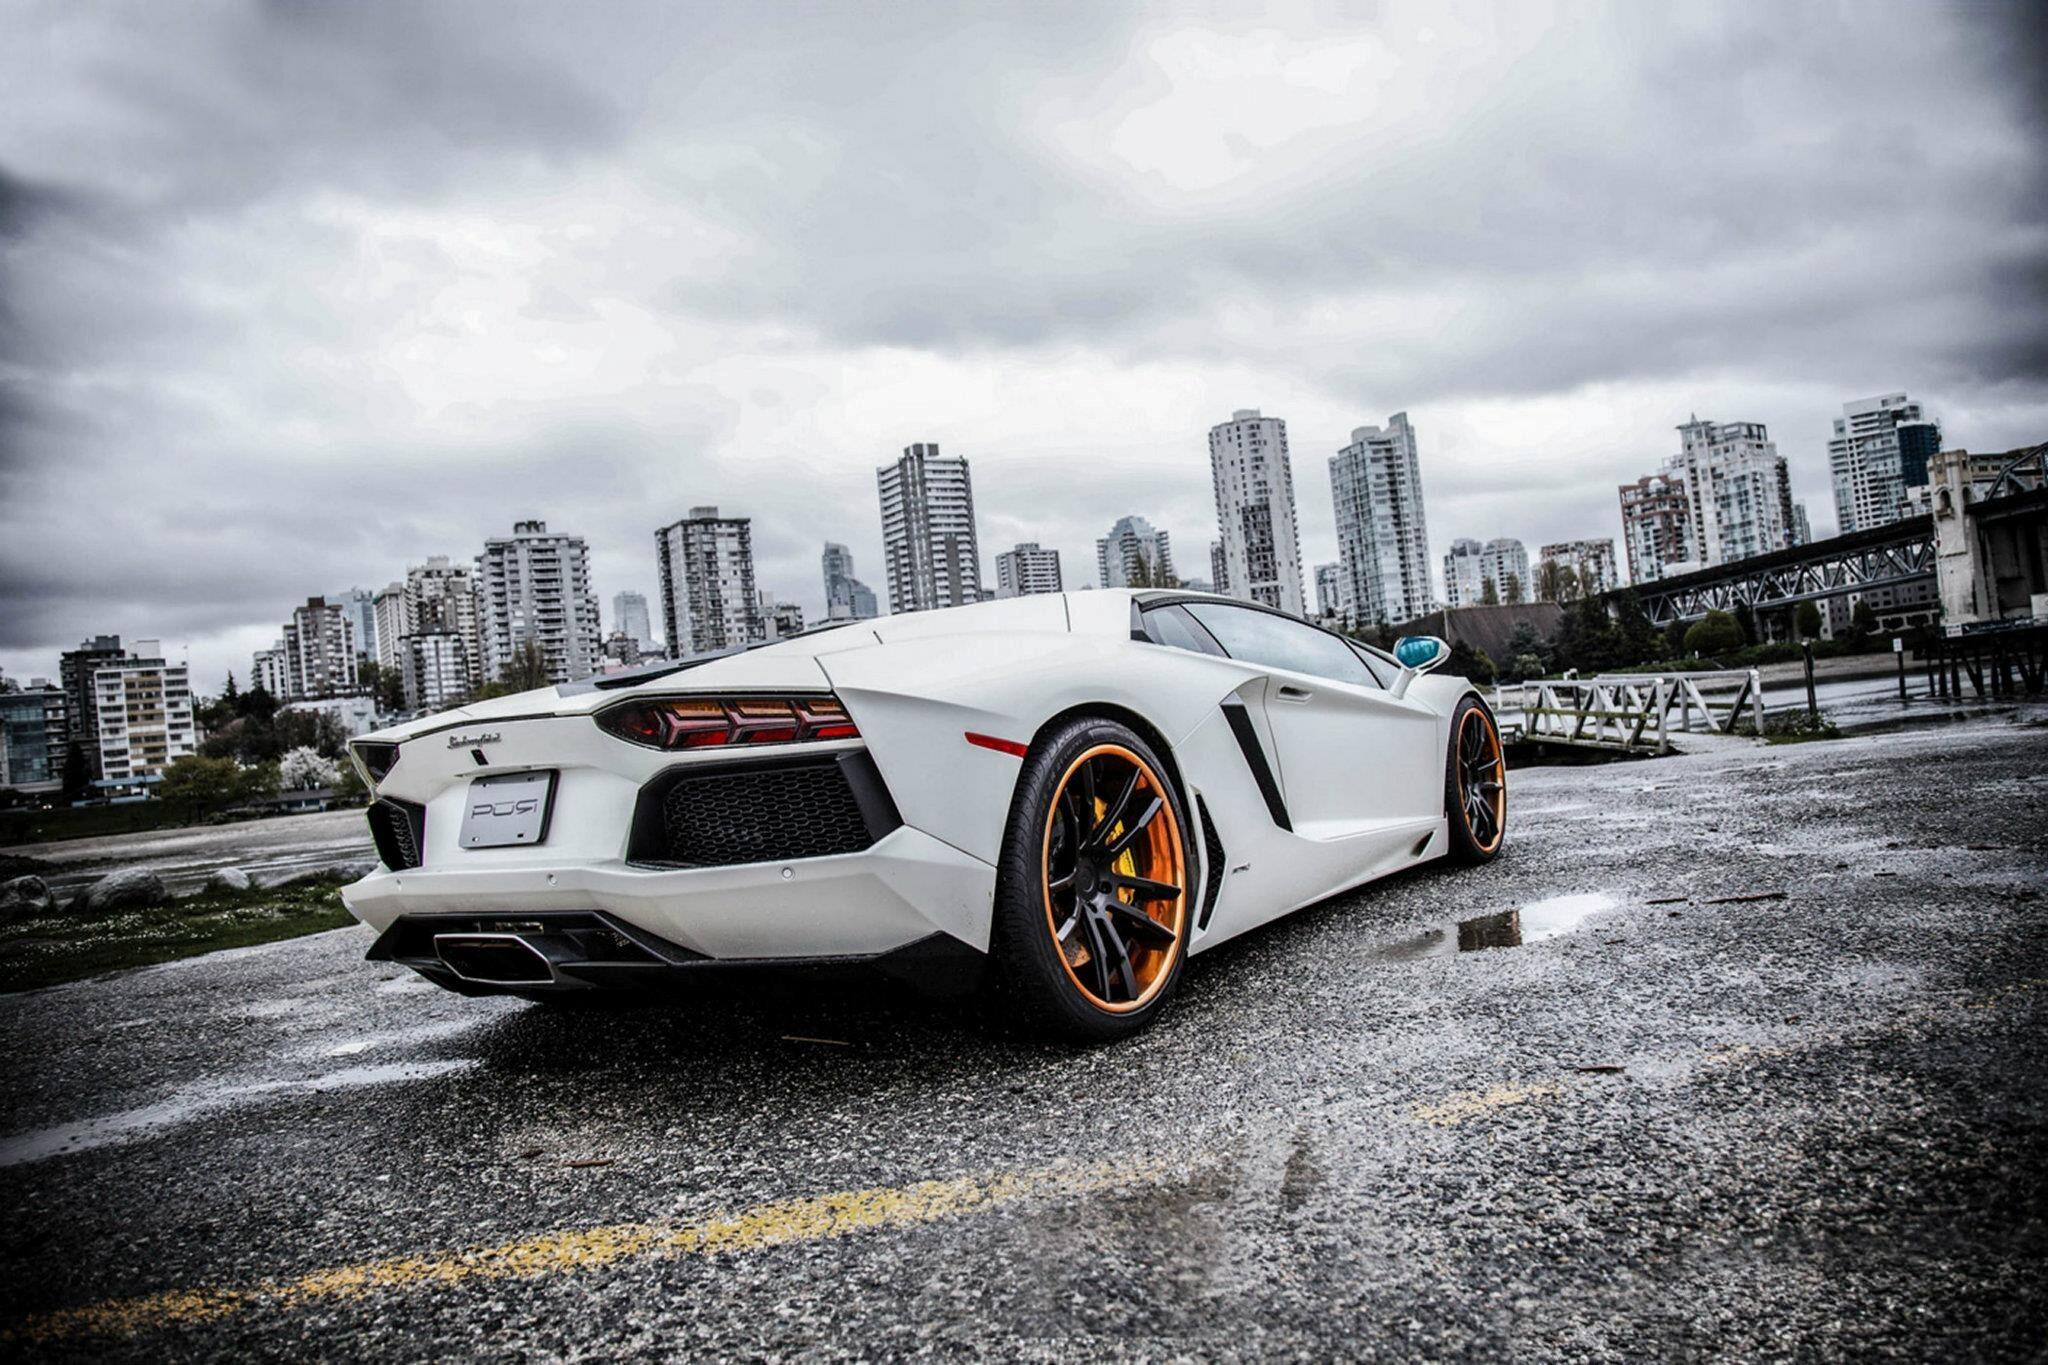 White Lamborghini Hd Desktop Background Wallpaper Hd Wallpapers